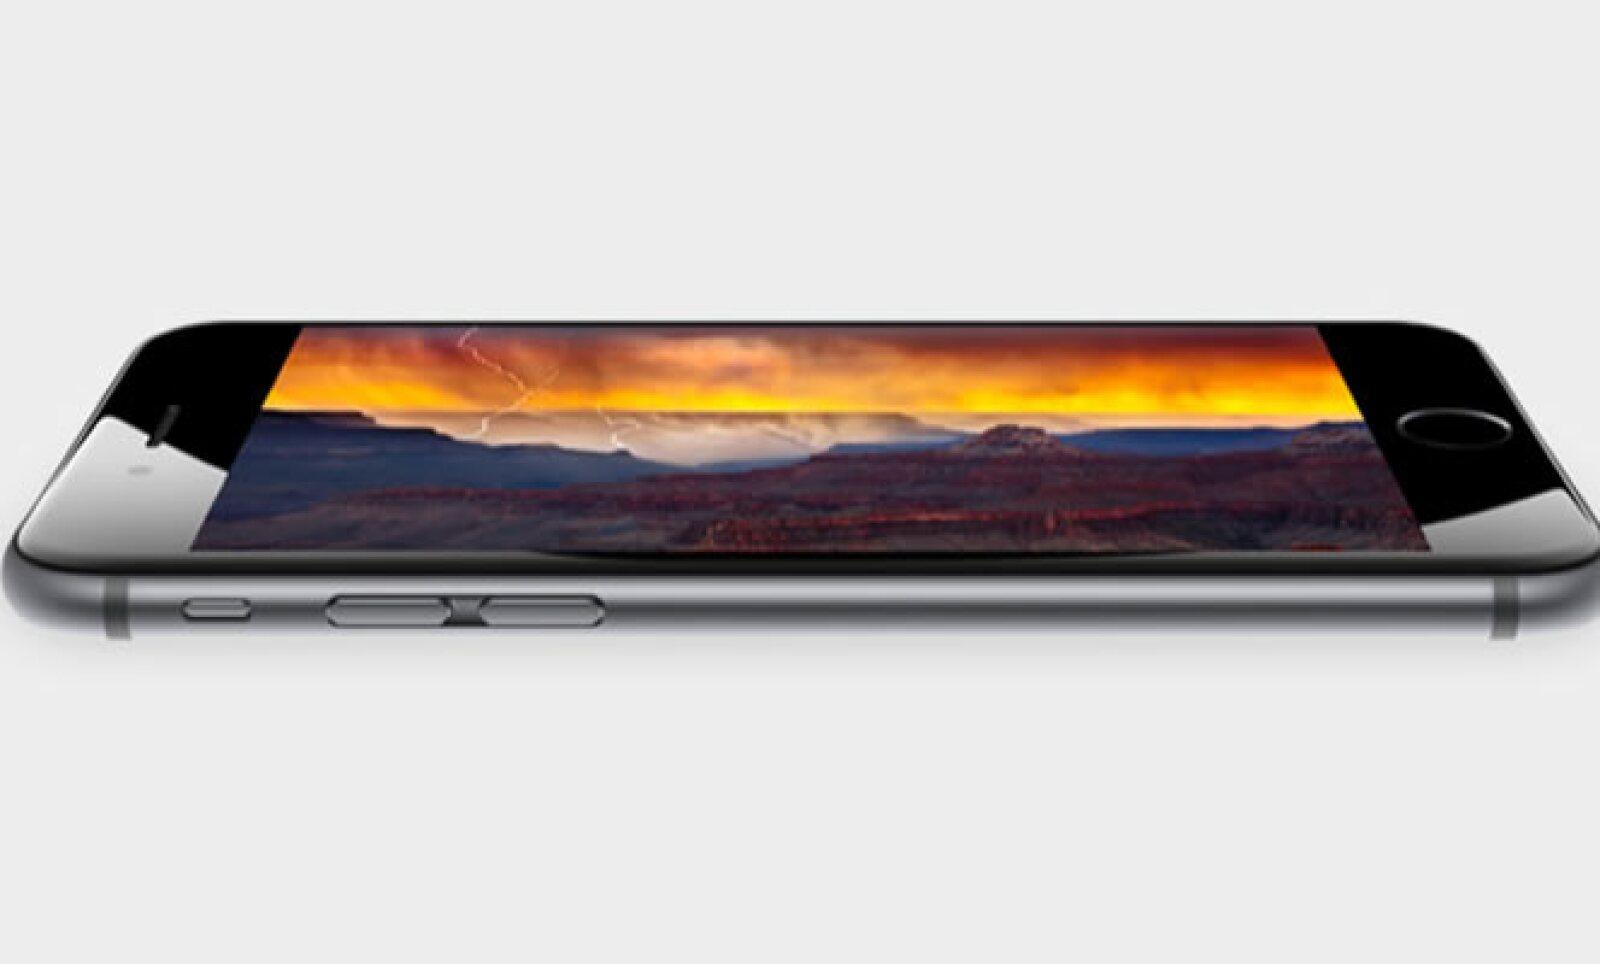 Tanto el iPhone 6 como el iPhone 6 Plus cuentan con una nueva pantalla Retina HD.